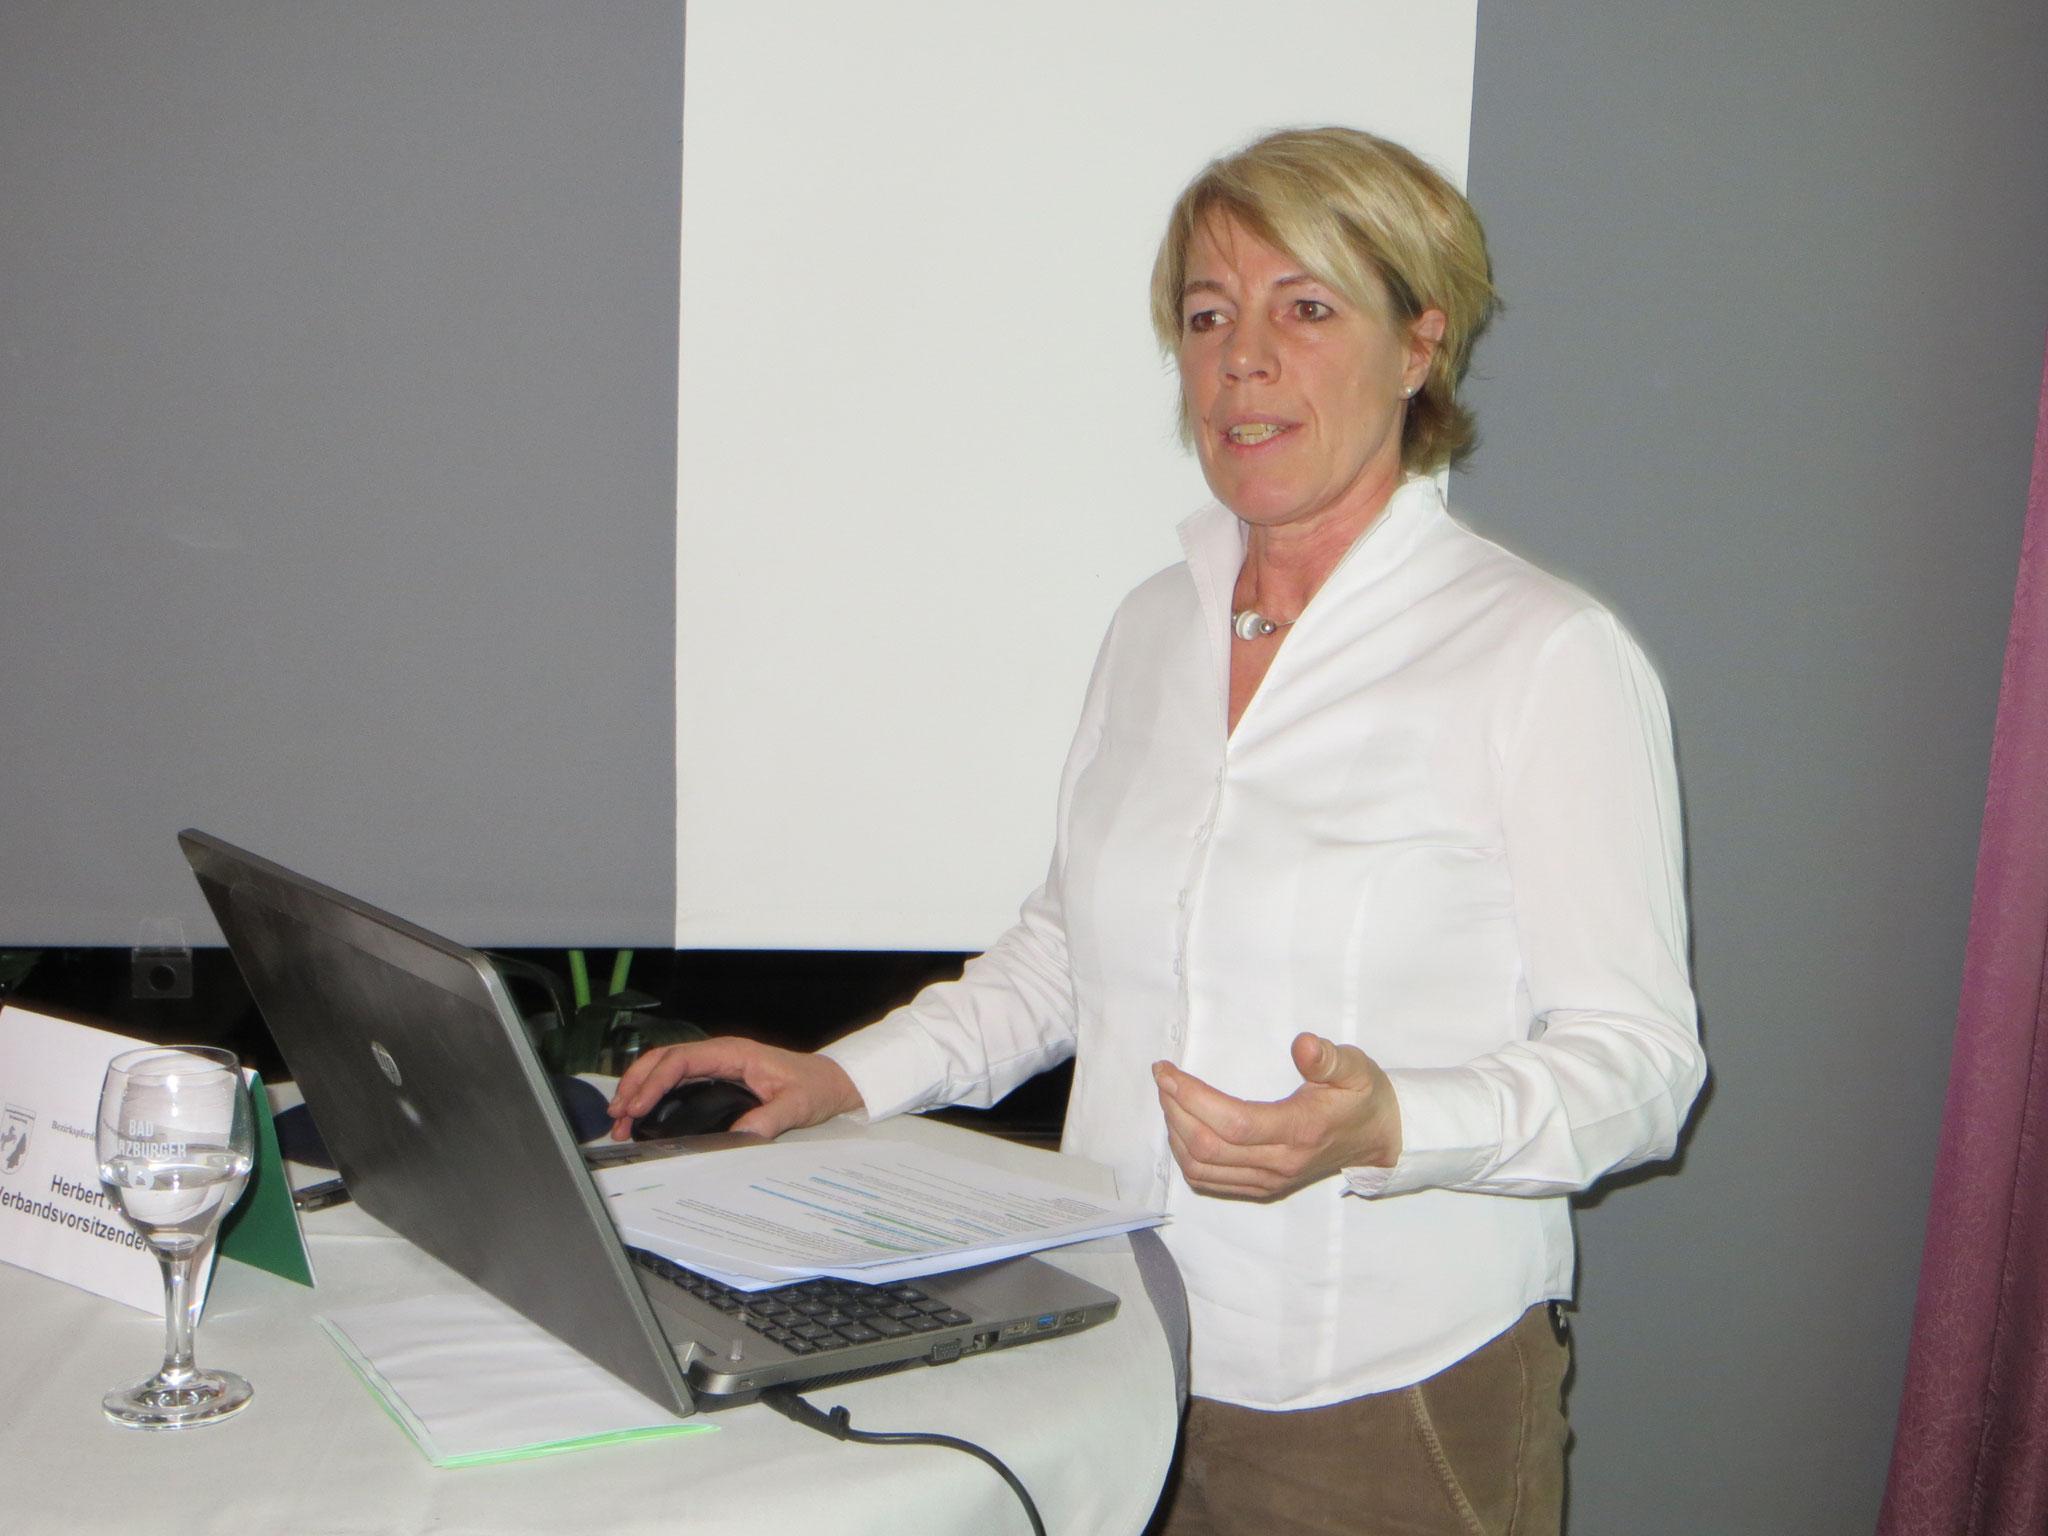 Susanne Flege stellt den Entwurf der Strukturreform des PSV Hannover vor.